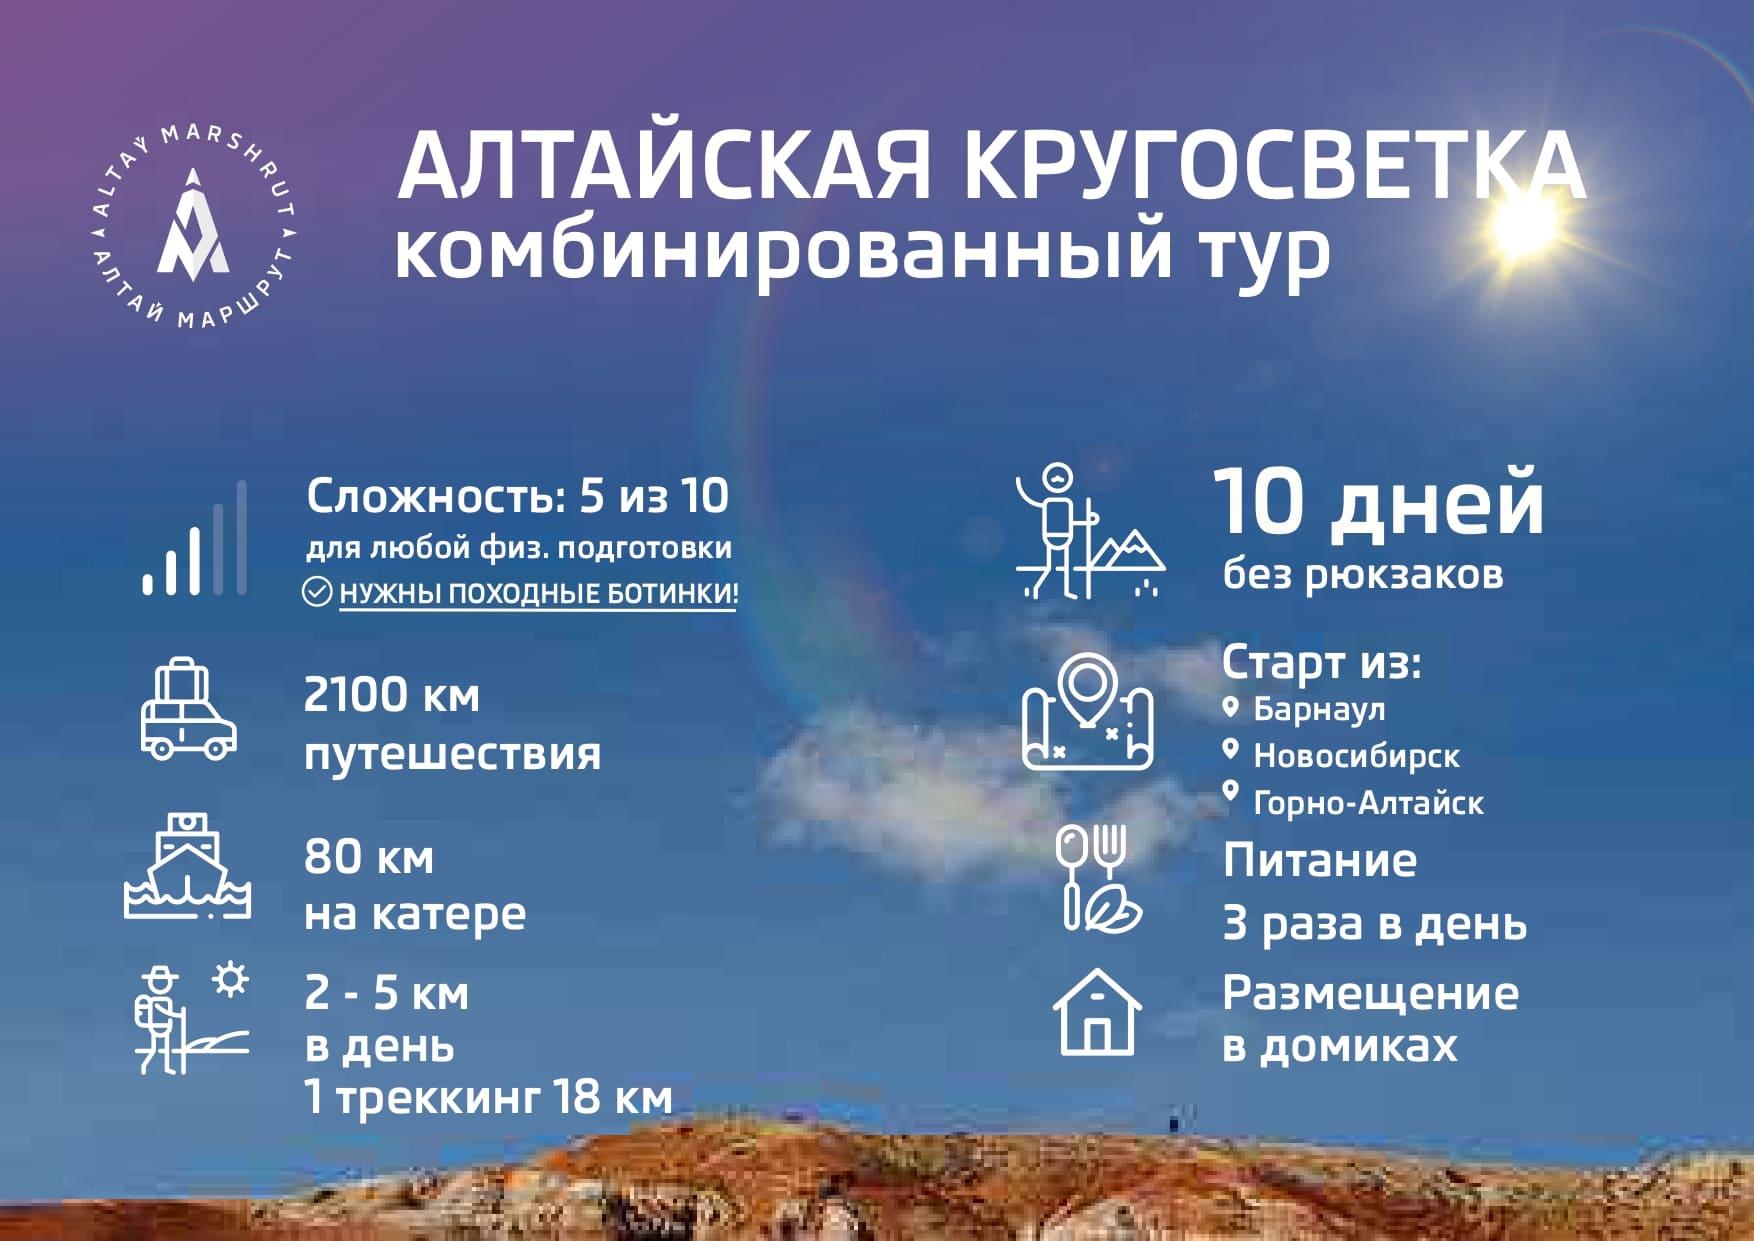 Алтайская кругосветка 10 дн_compressed (6)_page-0002